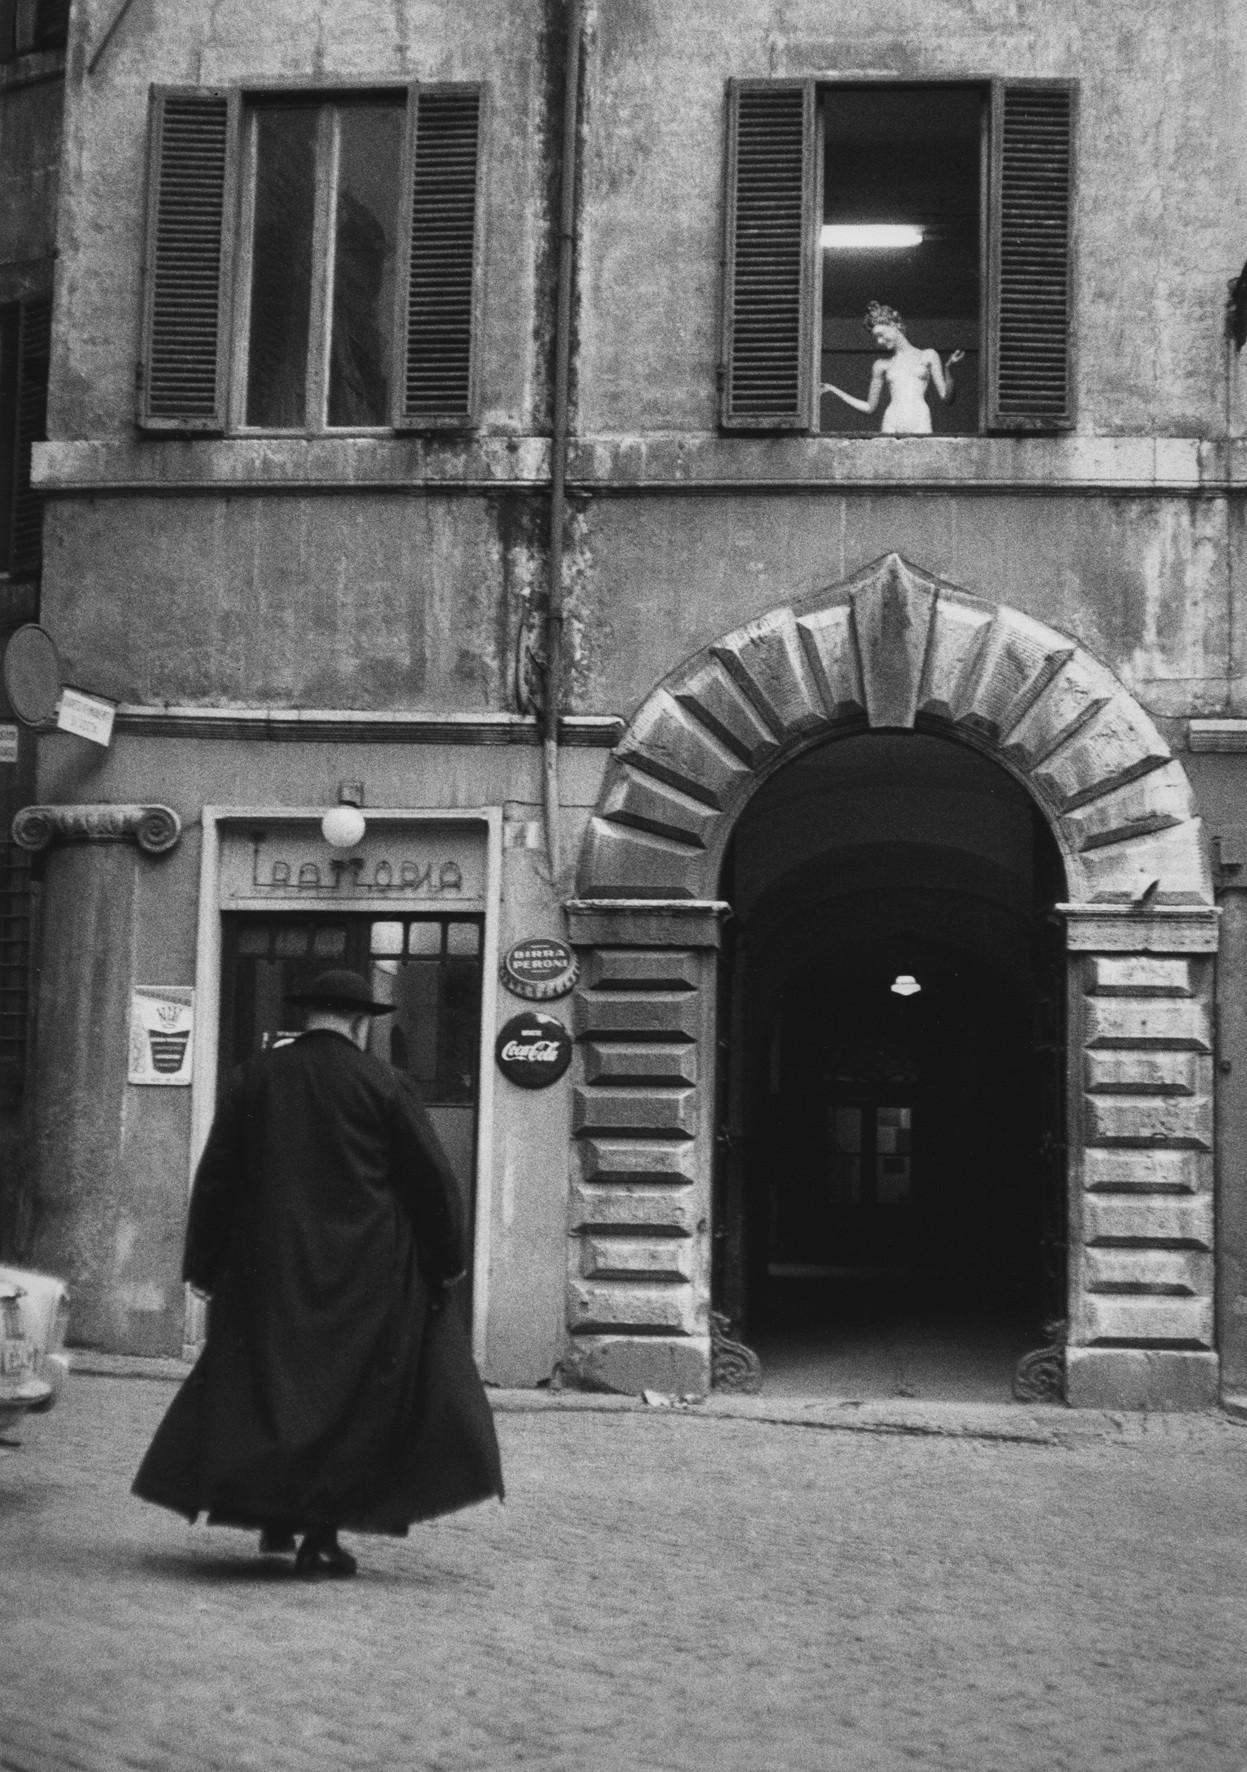 Священник перед тратторией, Рим, Италия, 1957